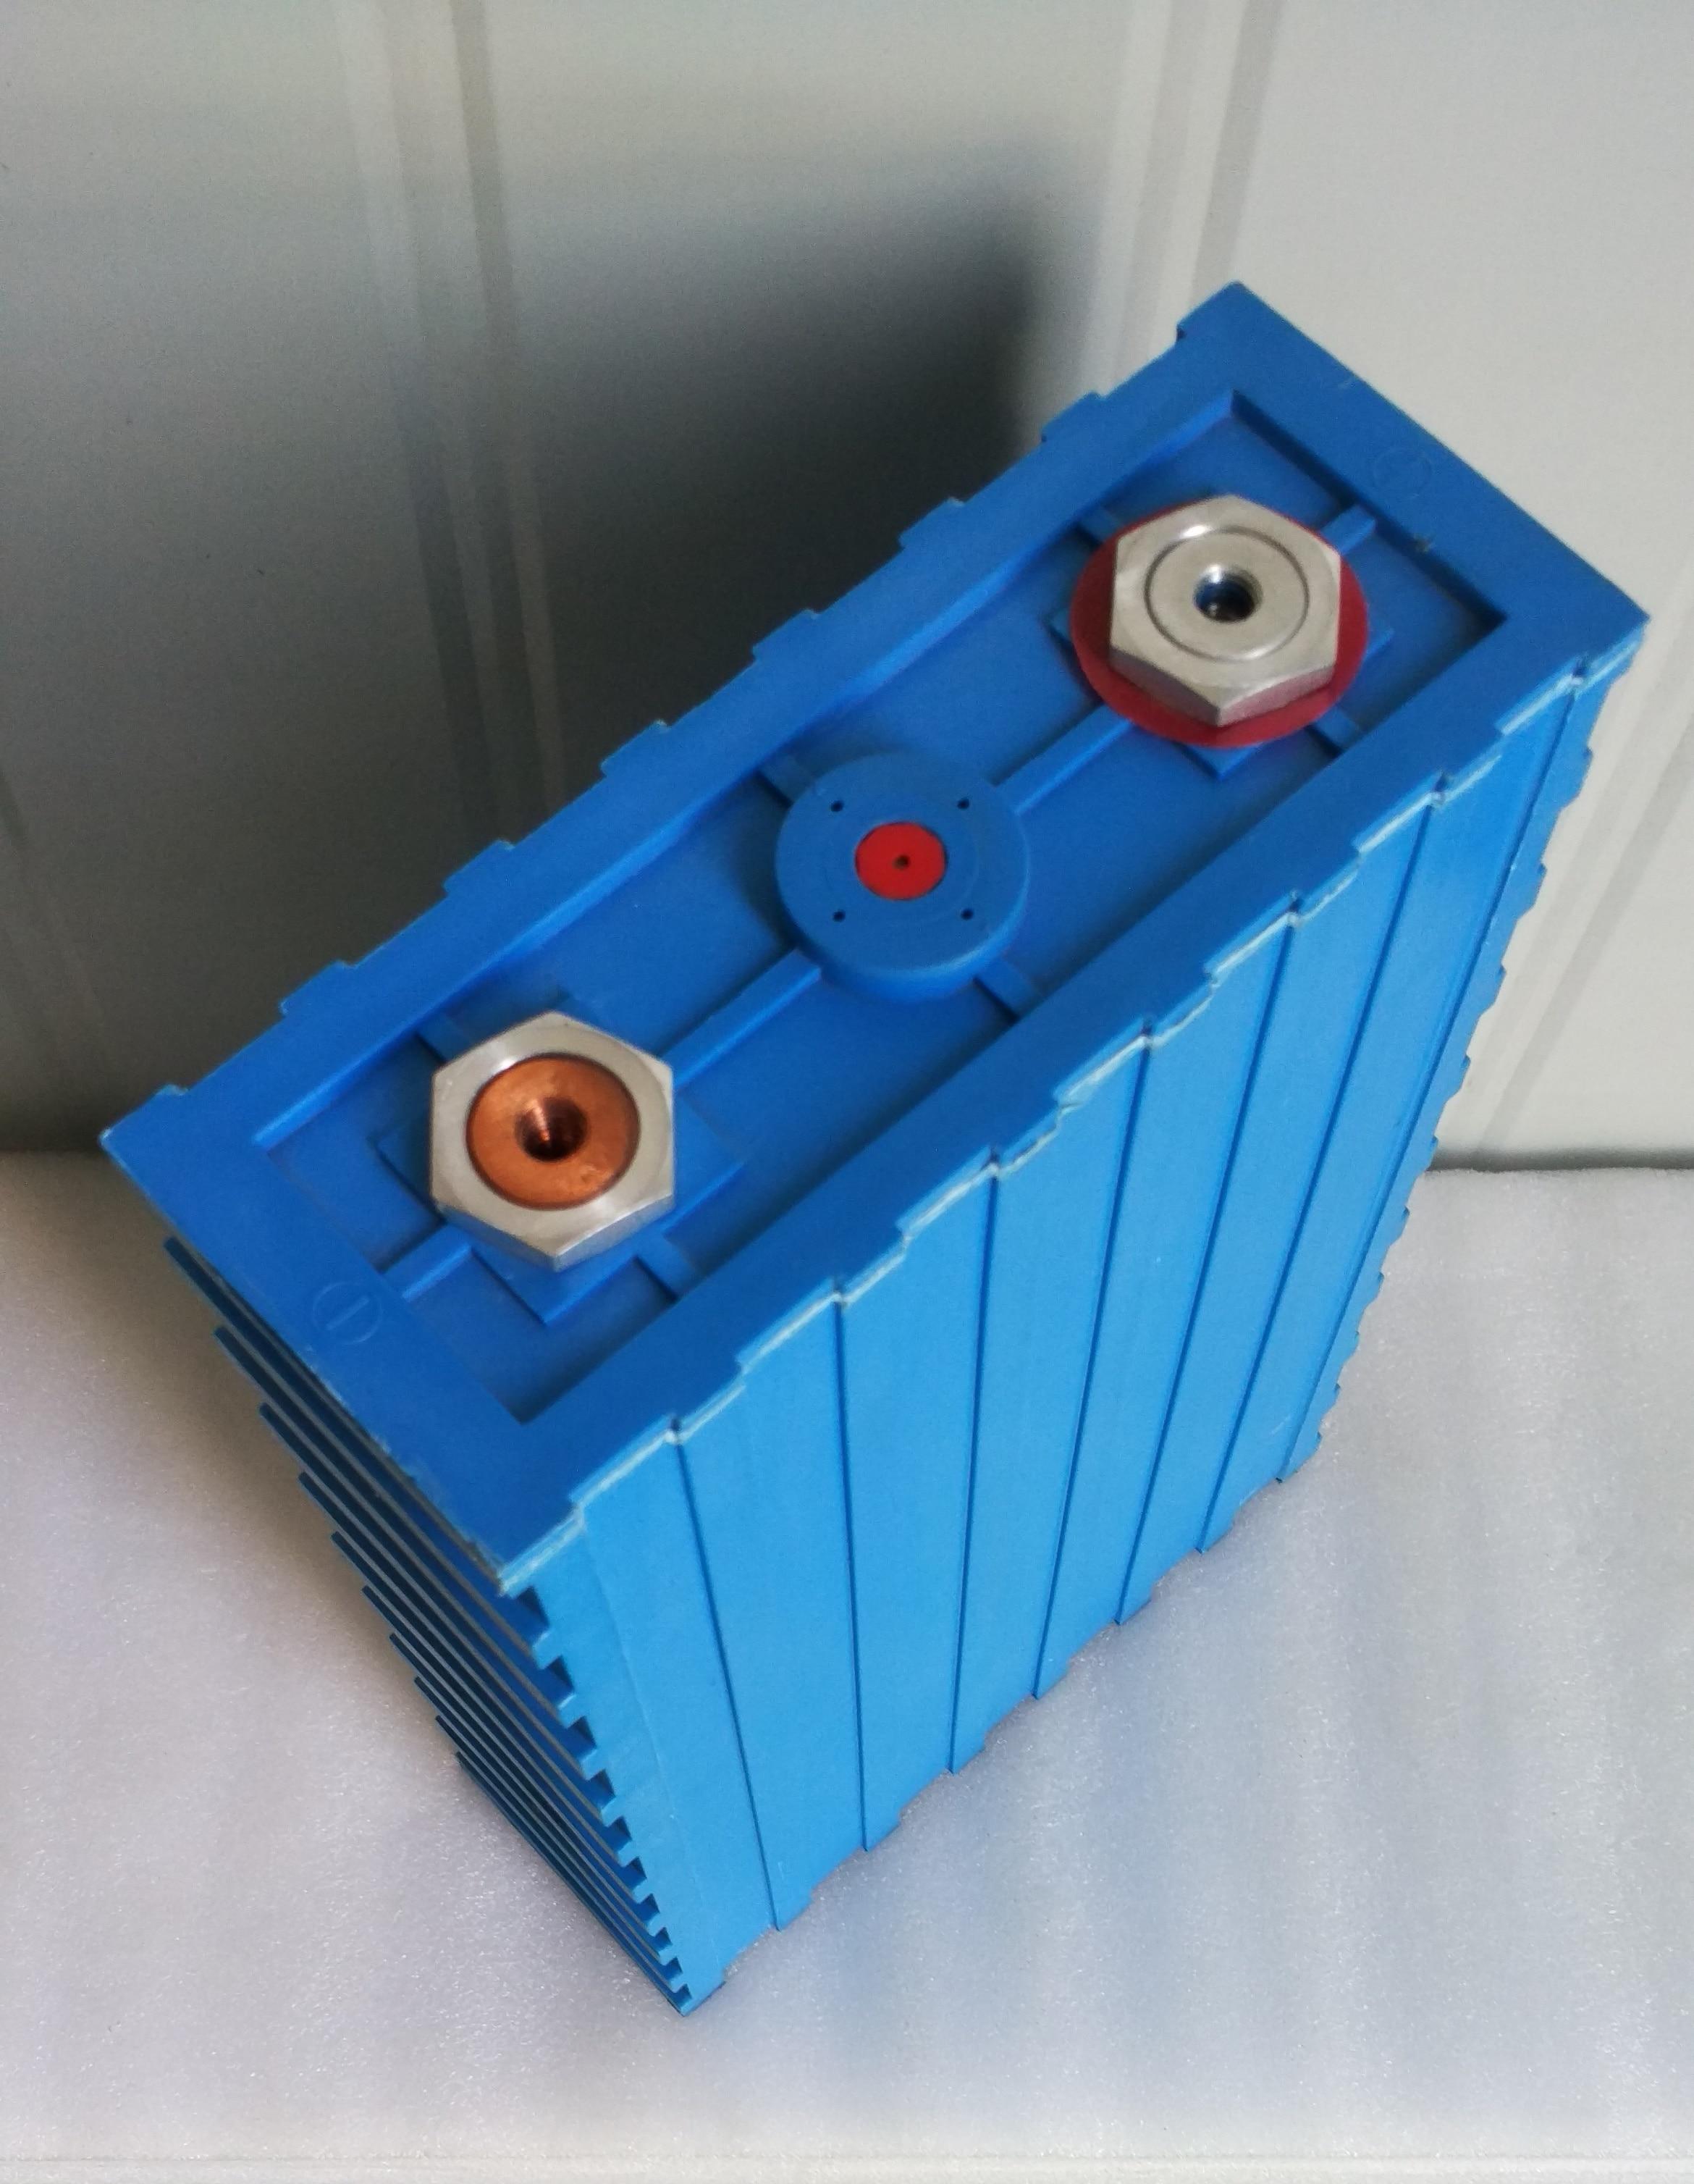 4 pièces 3.2V200Ah lifepo4 cellule de batterie CALB se200fpacket 12v 200AH courant 200ah pour pack EV système d'alimentation solaire cellule charge rapide